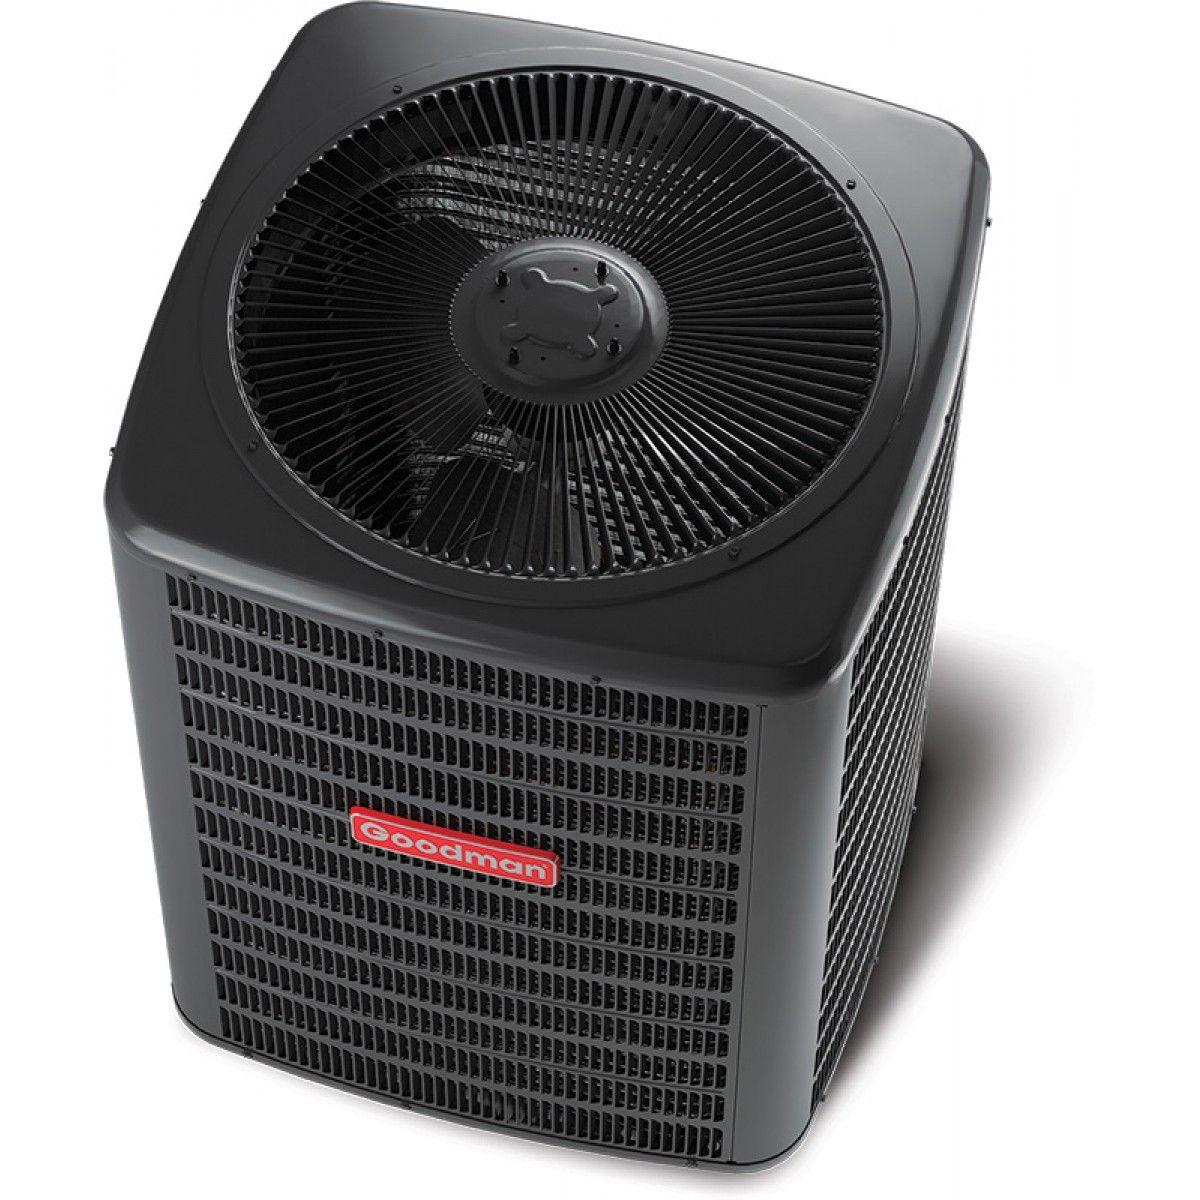 Goodman 3 5 Ton 14 Seer Gsz Heat Pump Condenser